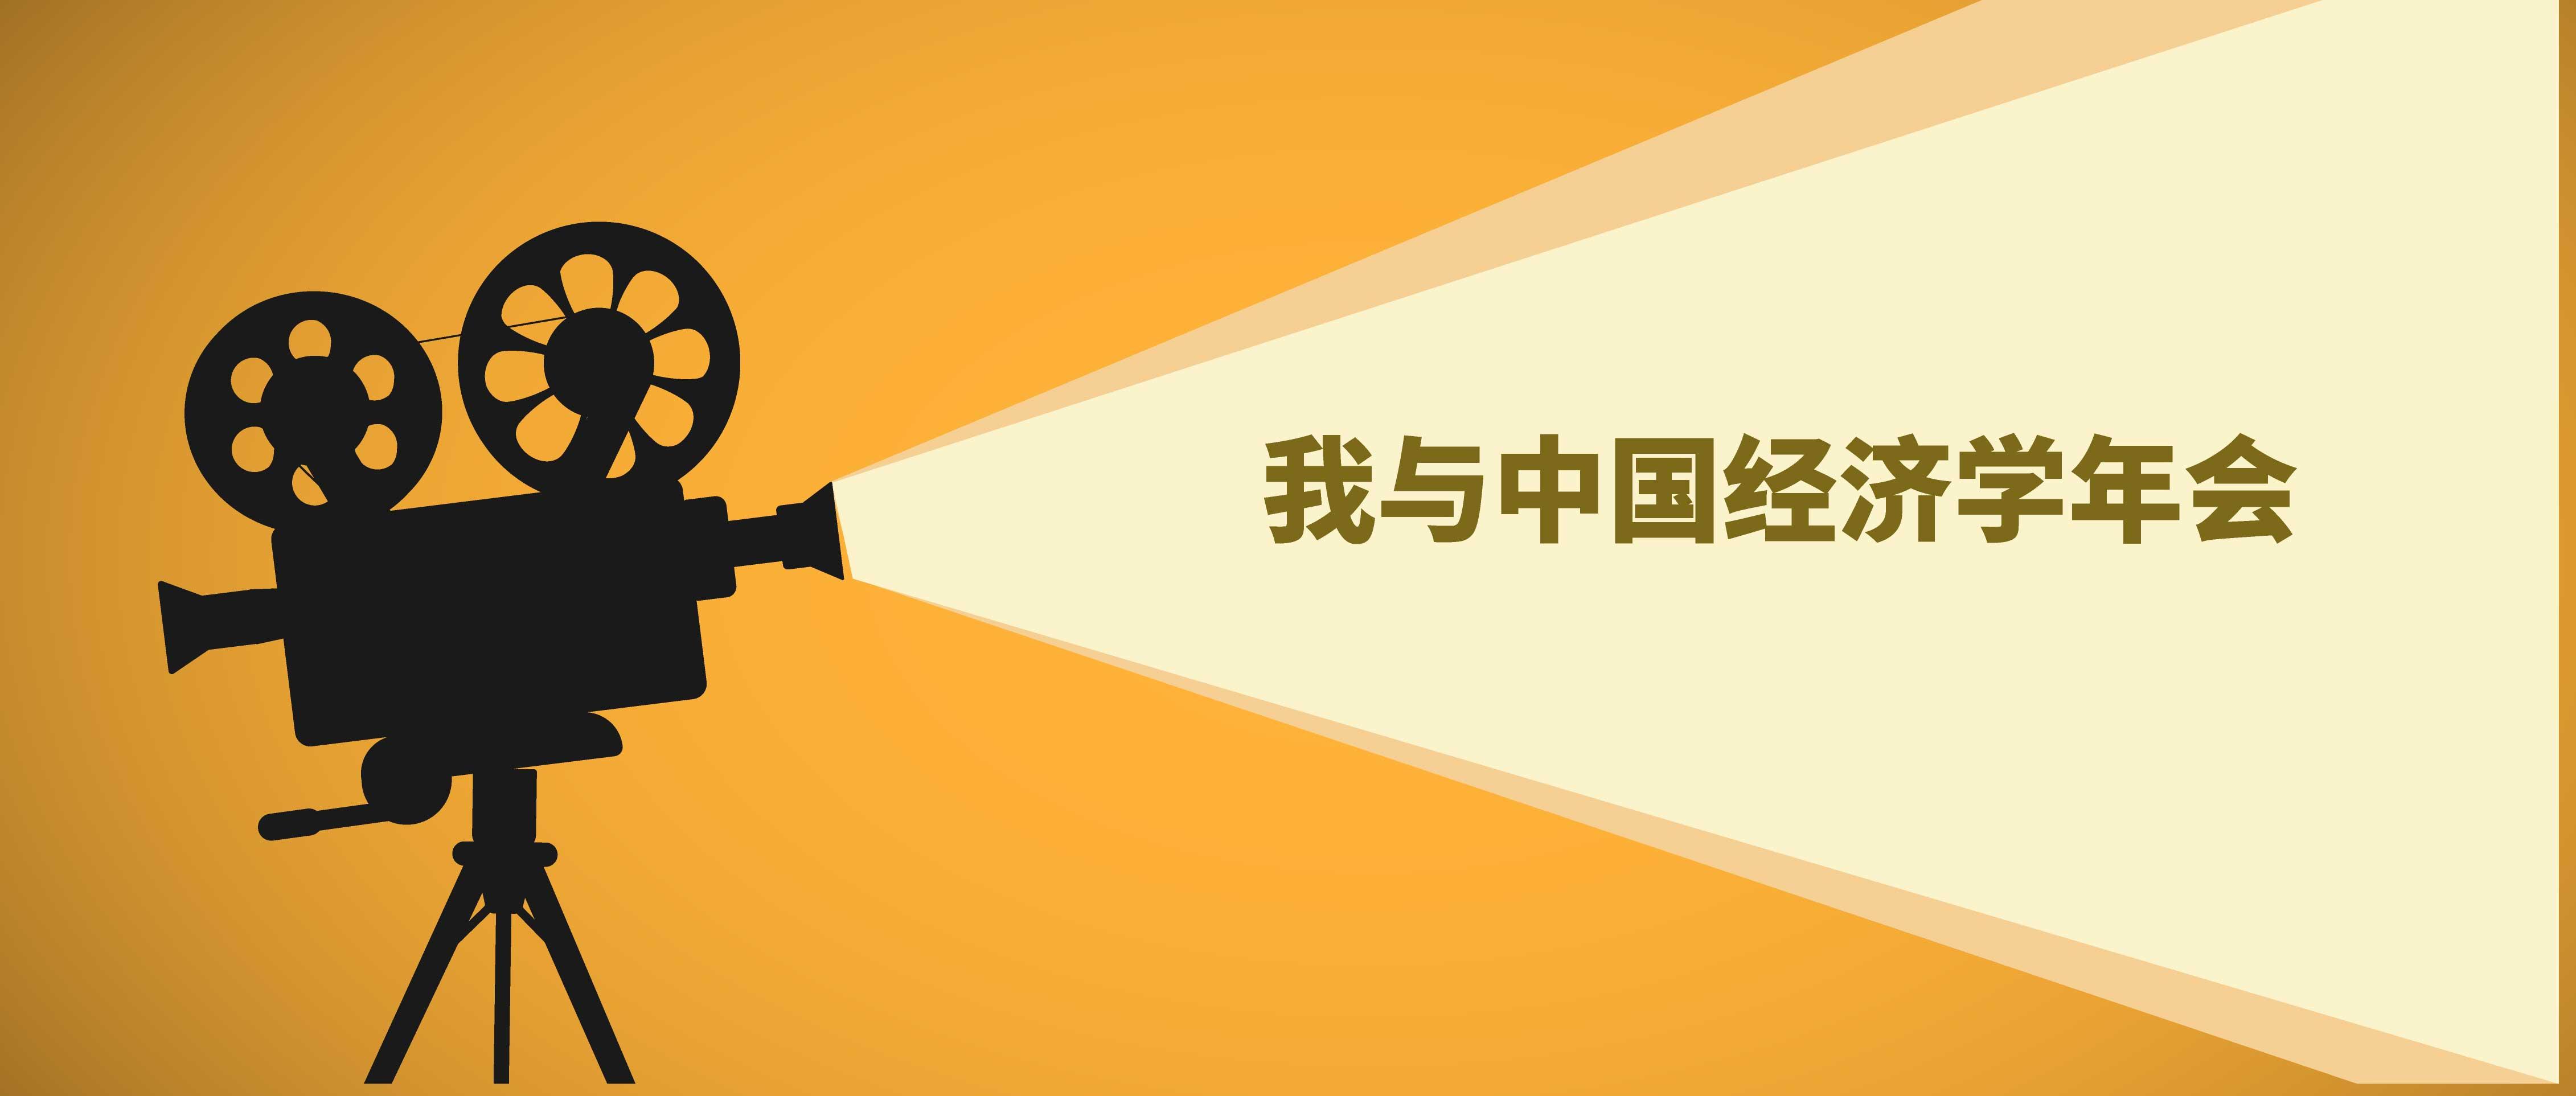 """关于开展""""我与中国经济学年会""""征文的通知"""